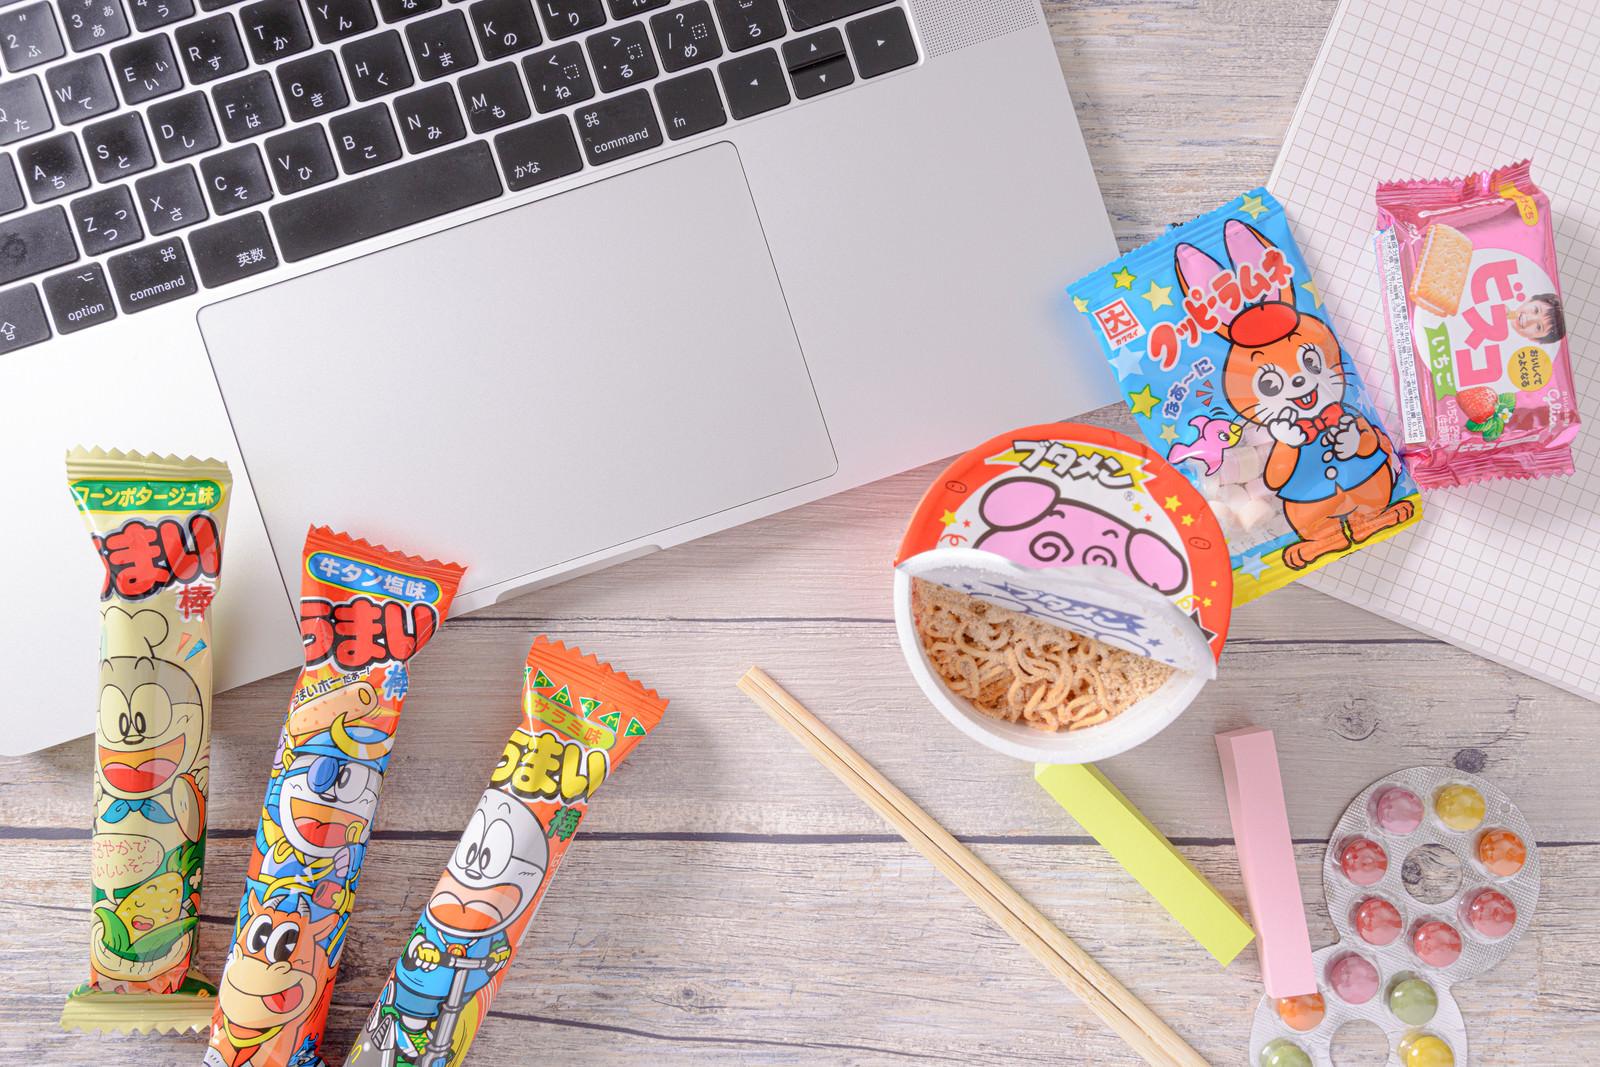 「小腹を満たすために用意したお菓子」の写真